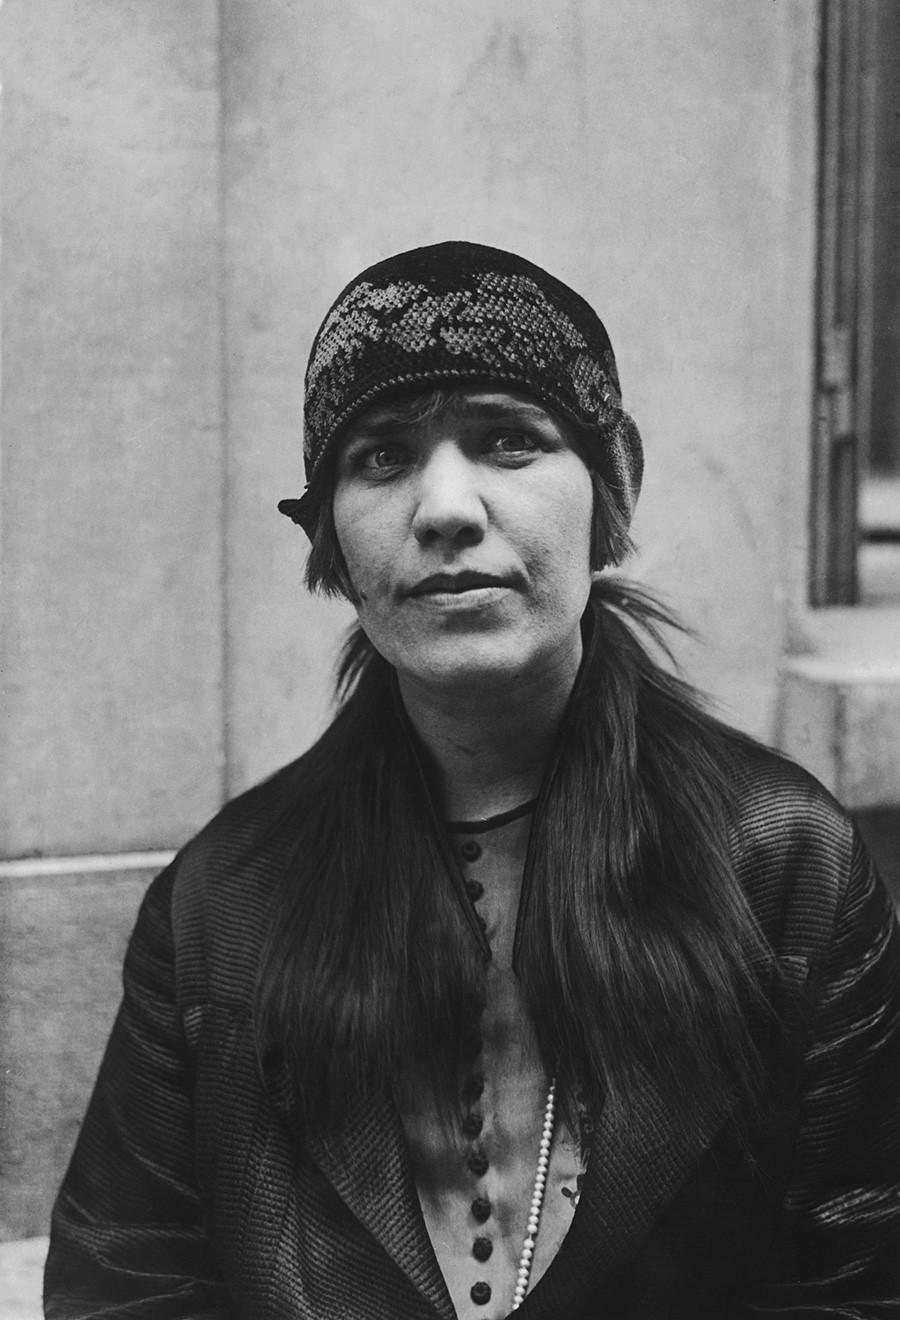 Marija (Matrjona) Rasputina